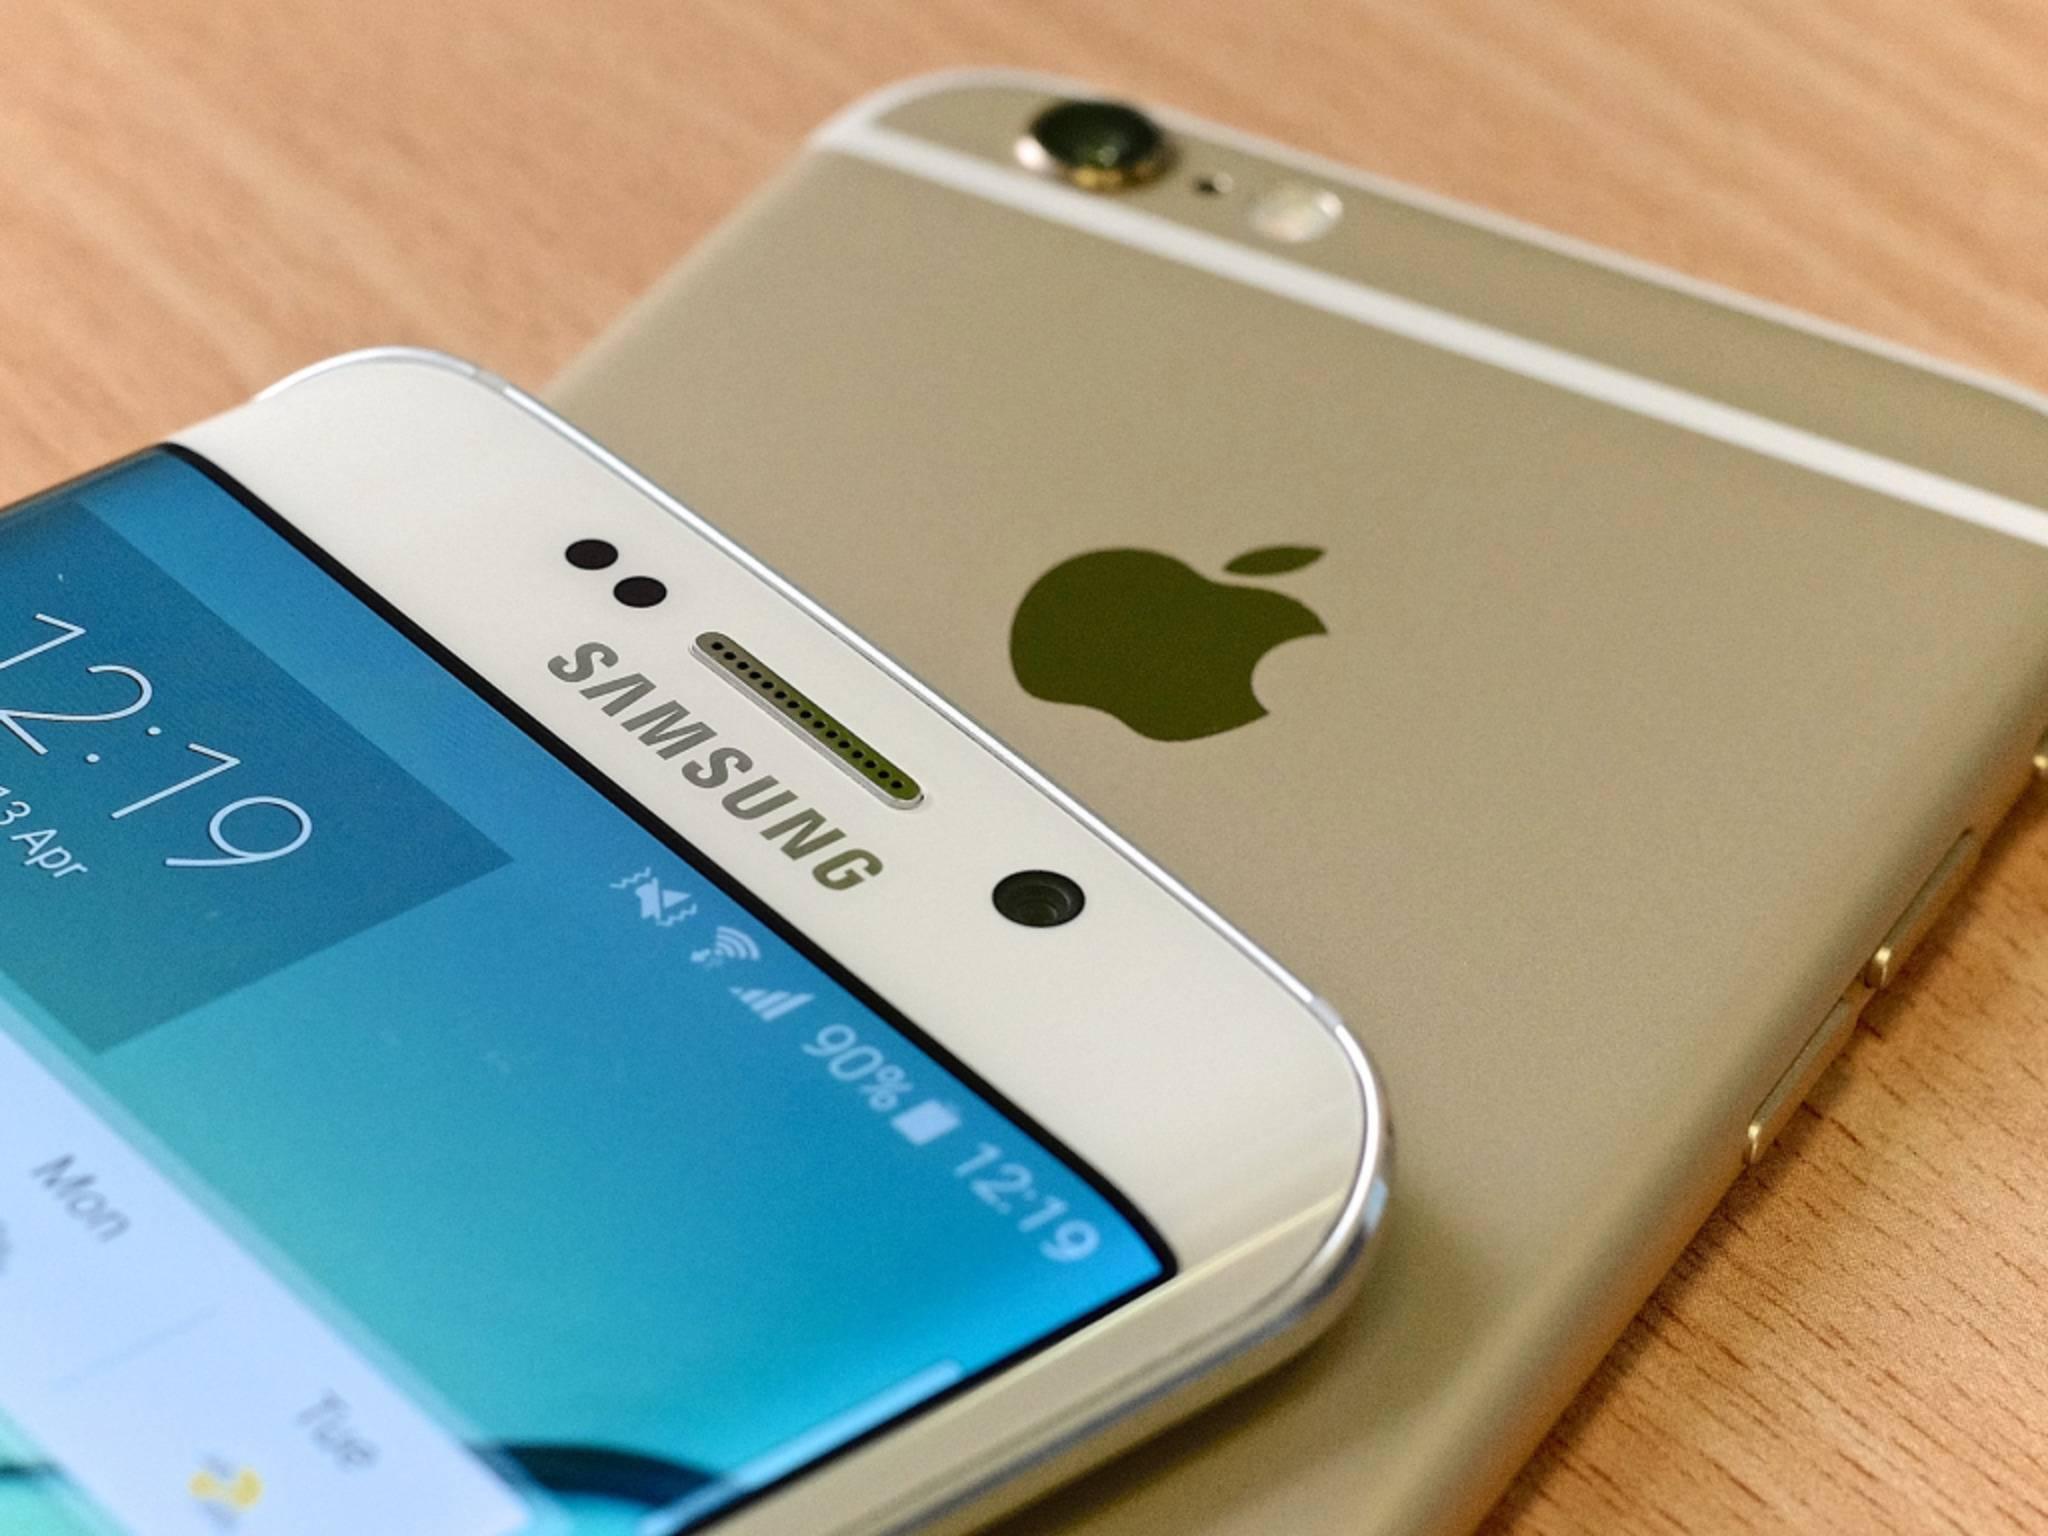 Könnten sich bald mehr Apple-Apps auf Android-Geräten einnisten?